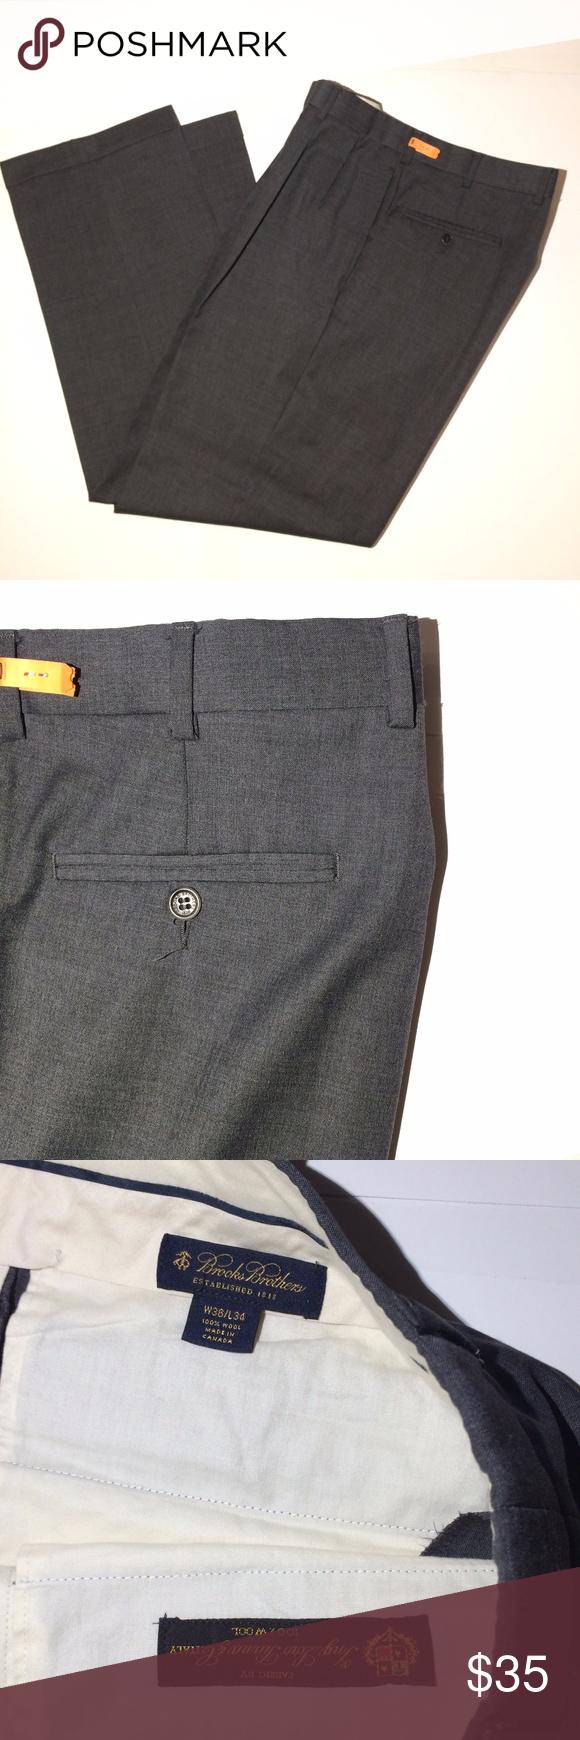 7a785cec78 Brooks Brothers loro Piana Dress pants 36 x 32 BROOKS BROTHERS LORO PIANA  WOOL DRESS PANTS